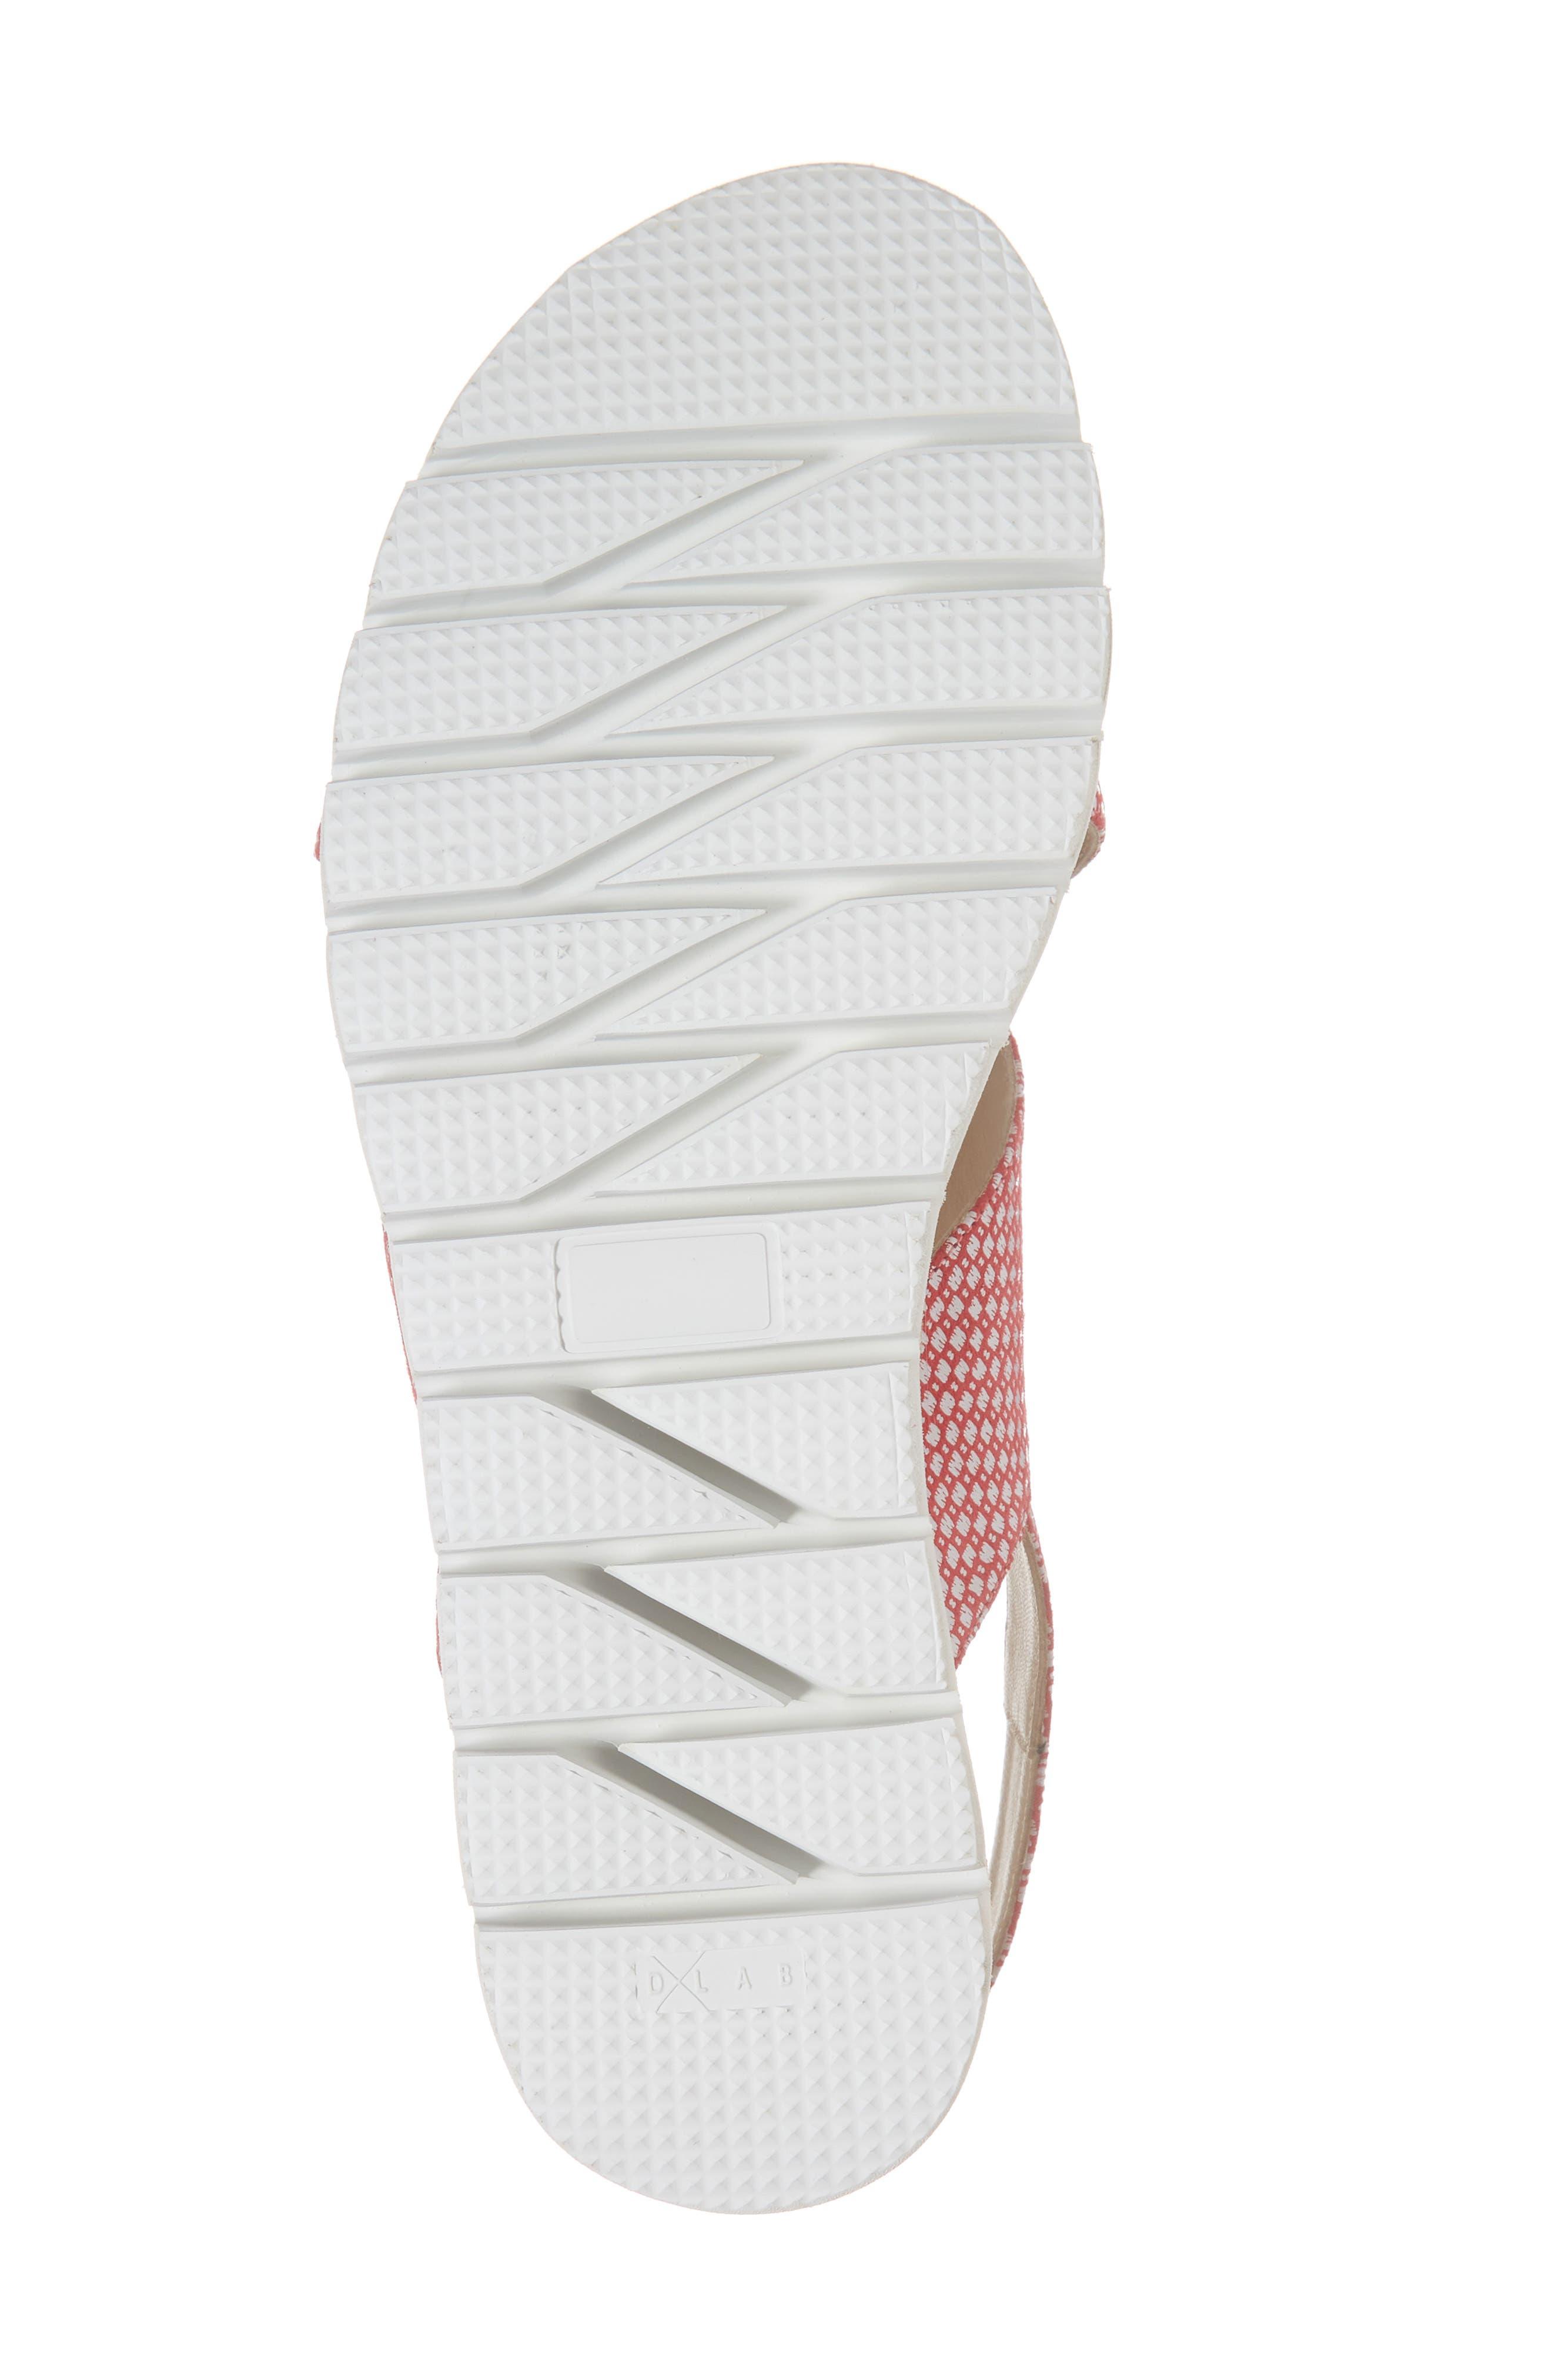 Borgo Sandal,                             Alternate thumbnail 6, color,                             Red/ White Leather